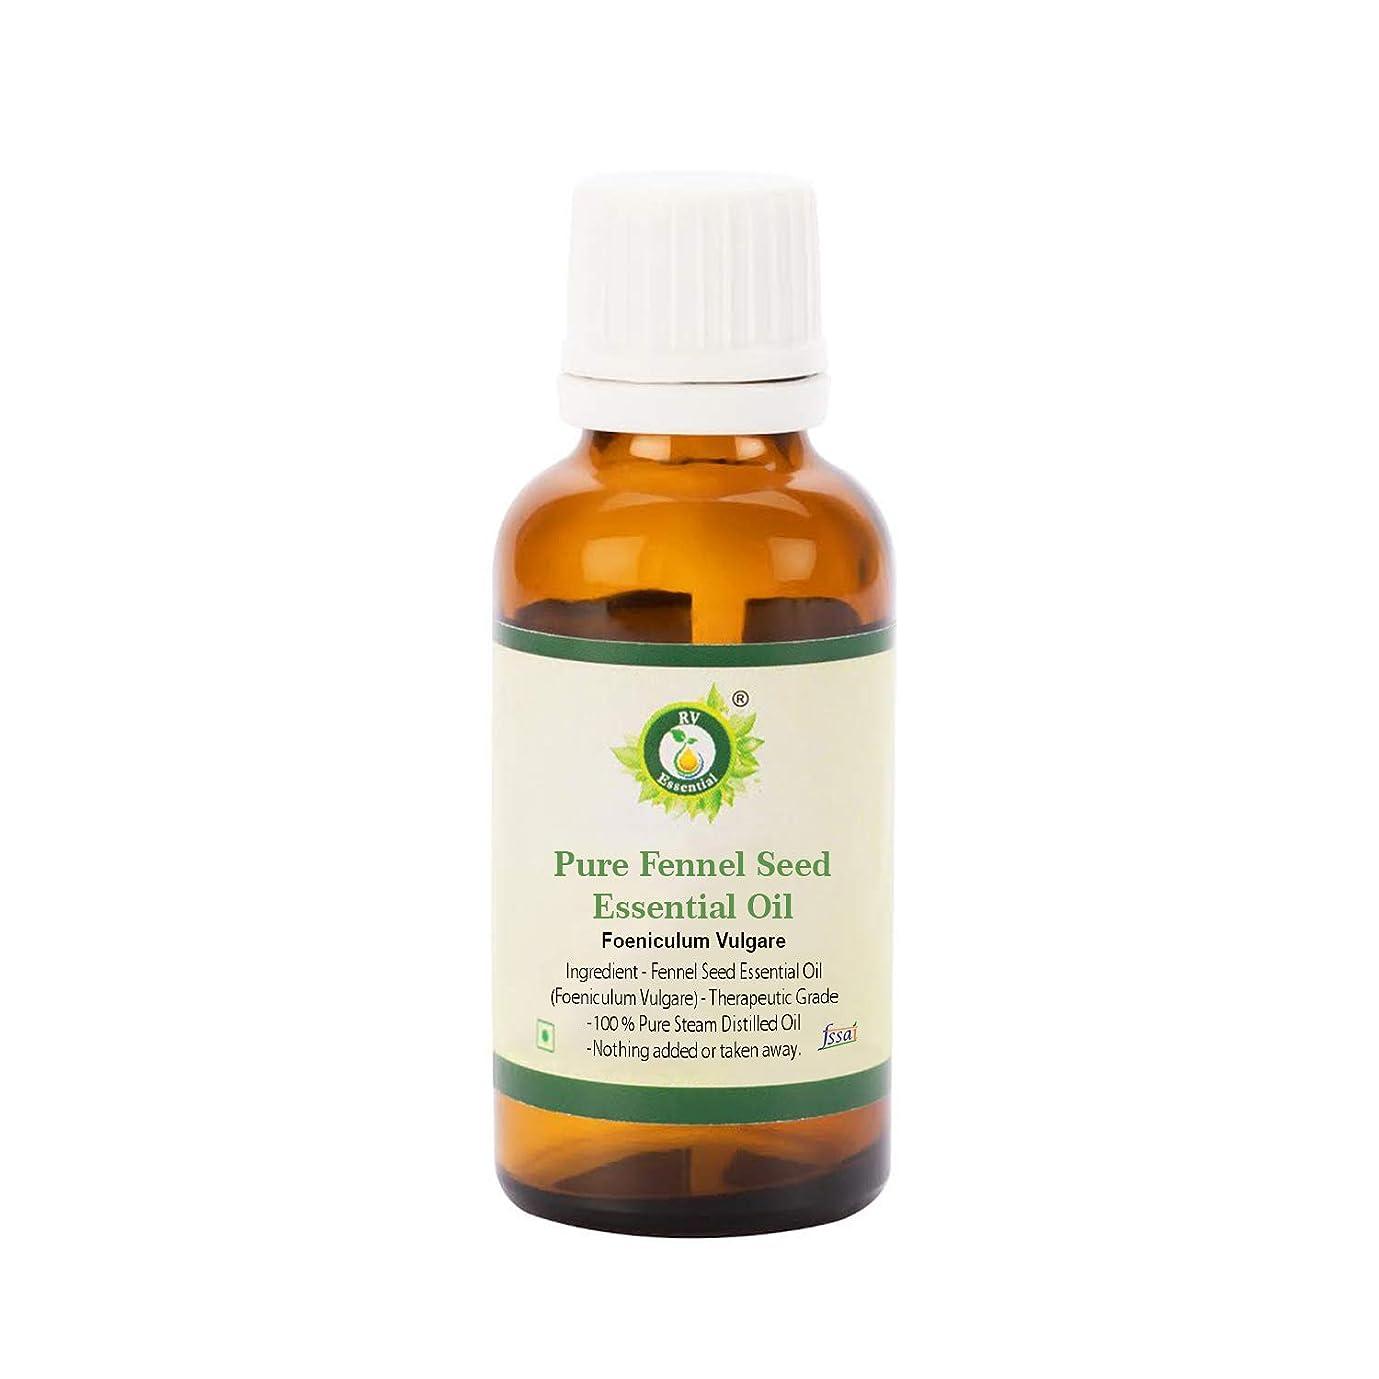 ウォルターカニンガムペース返還R V Essential 純粋なフェンネルシードエッセンシャルオイル15ml (0.507oz)- Foeniculum Vulgare (100%純粋&天然スチームDistilled) Pure Fennel Seed Essential Oil